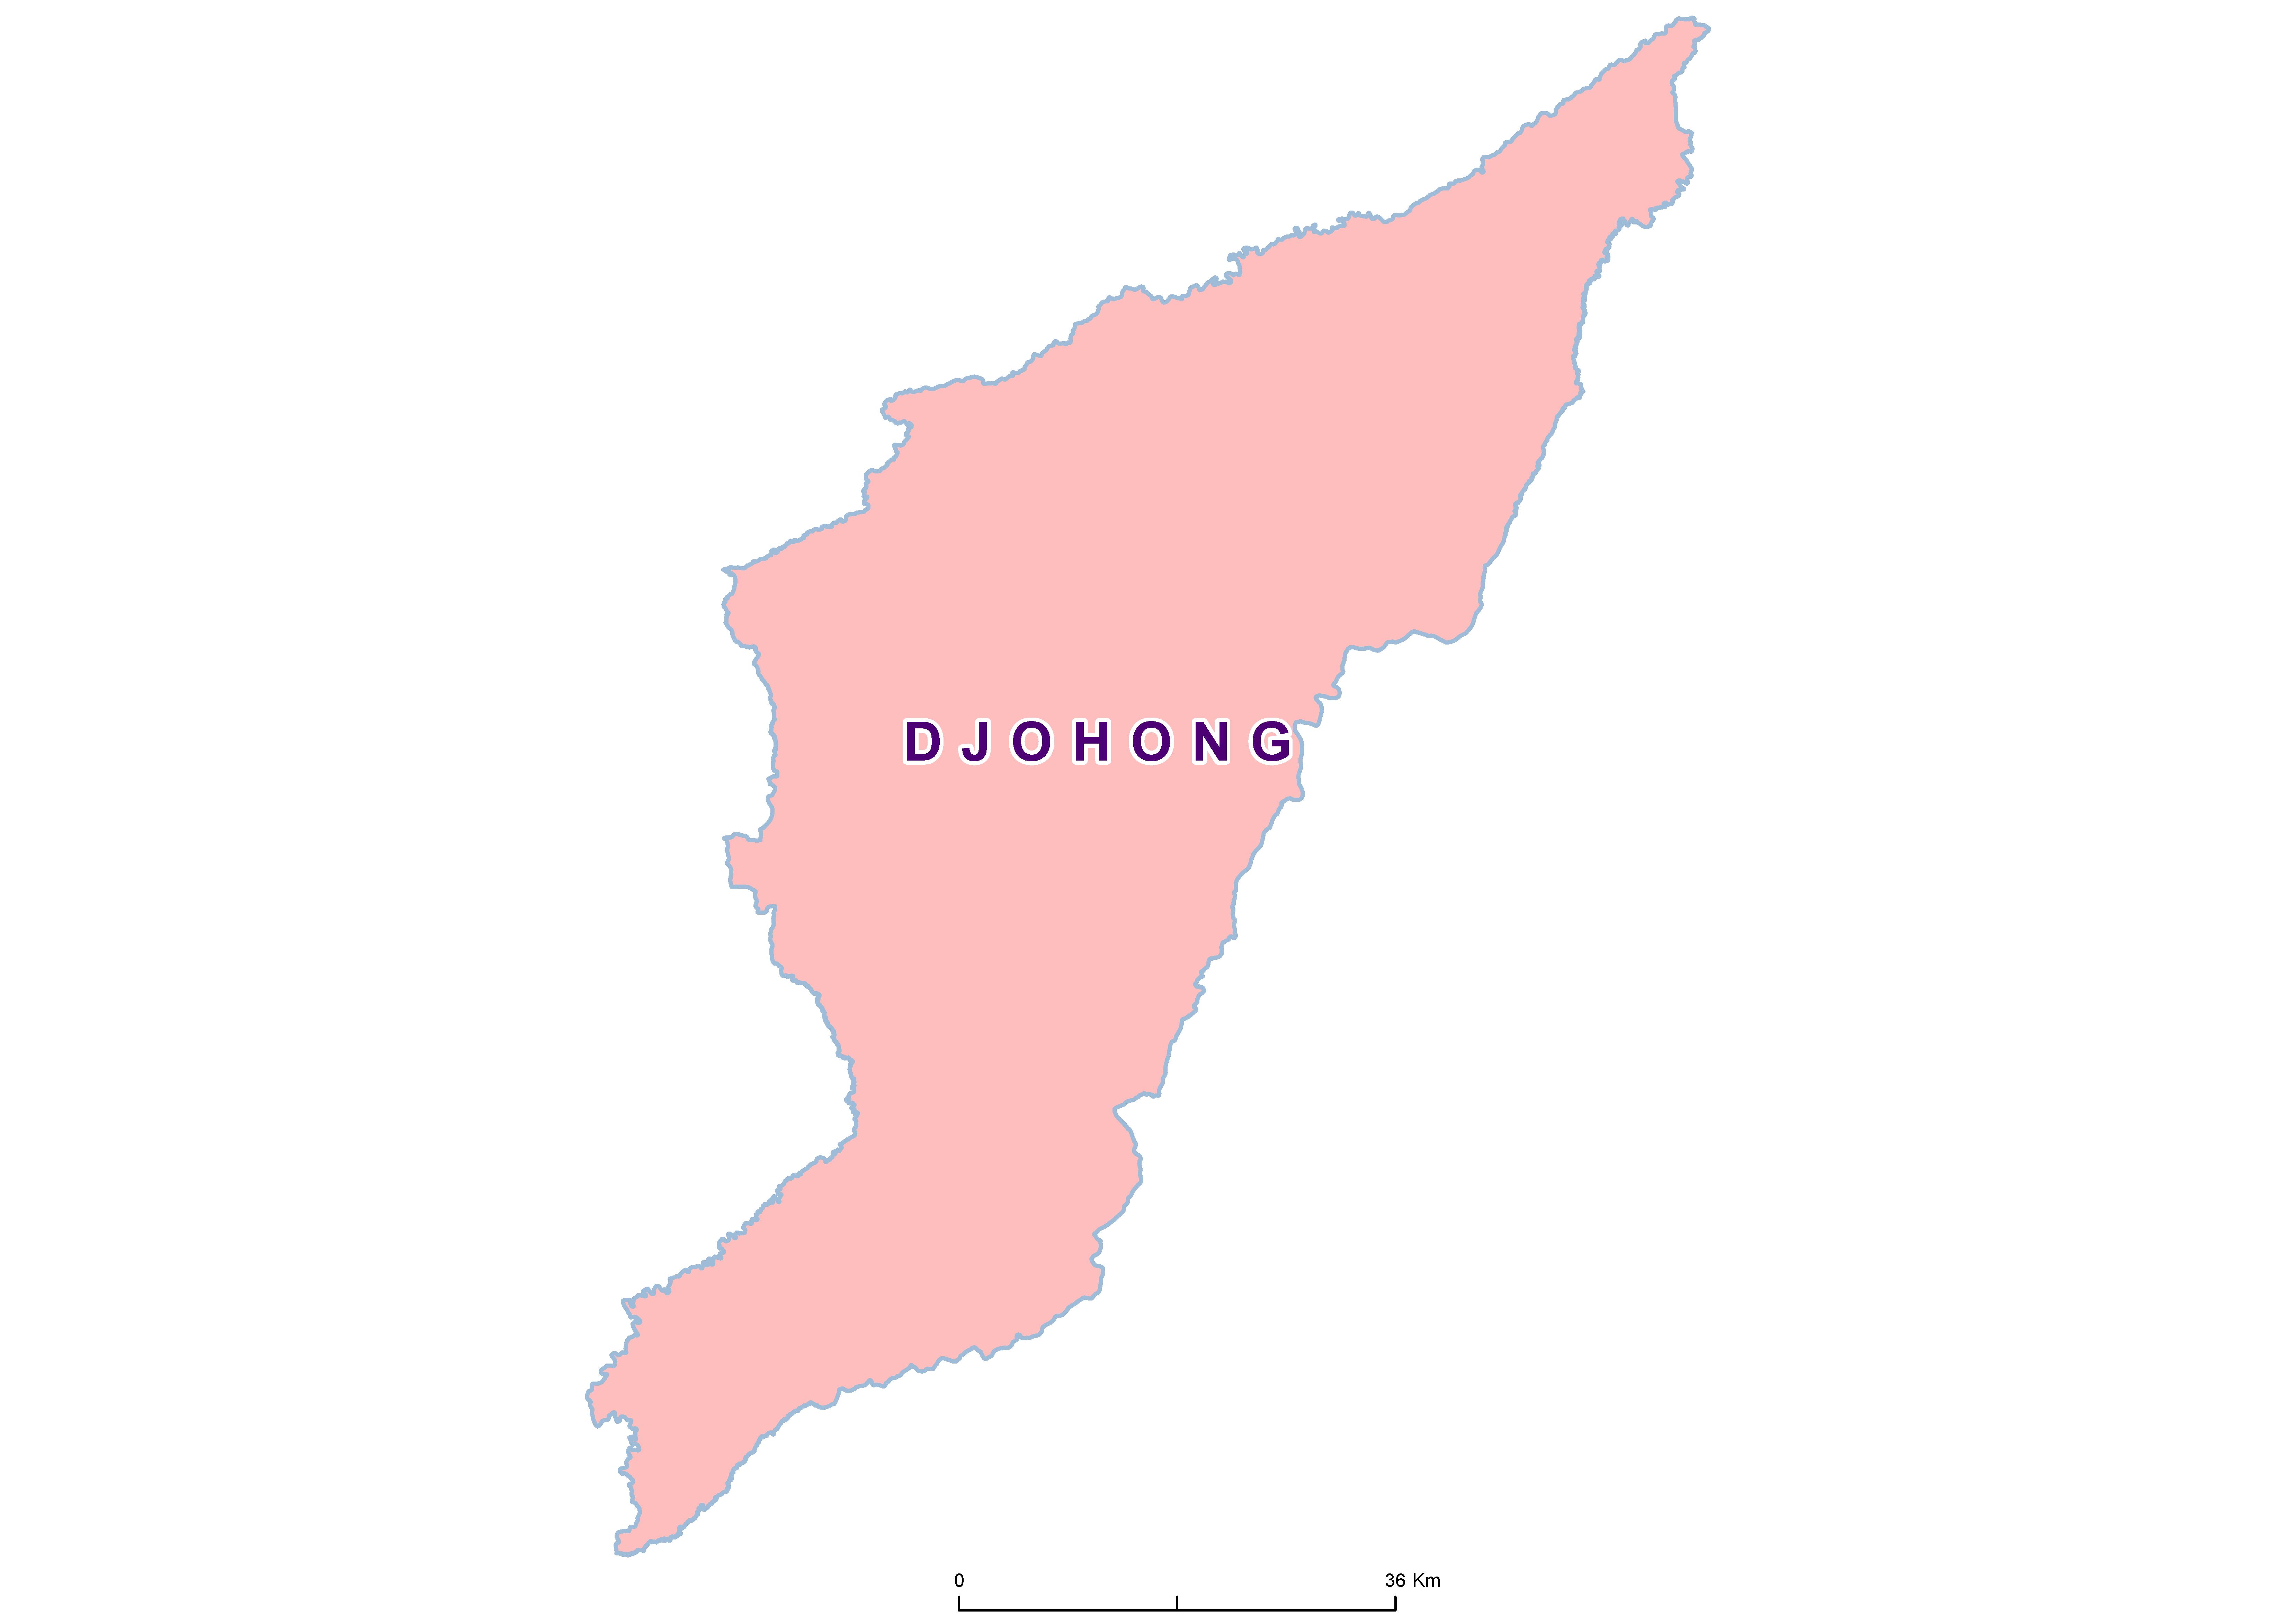 Djohong Mean SCH 20100001